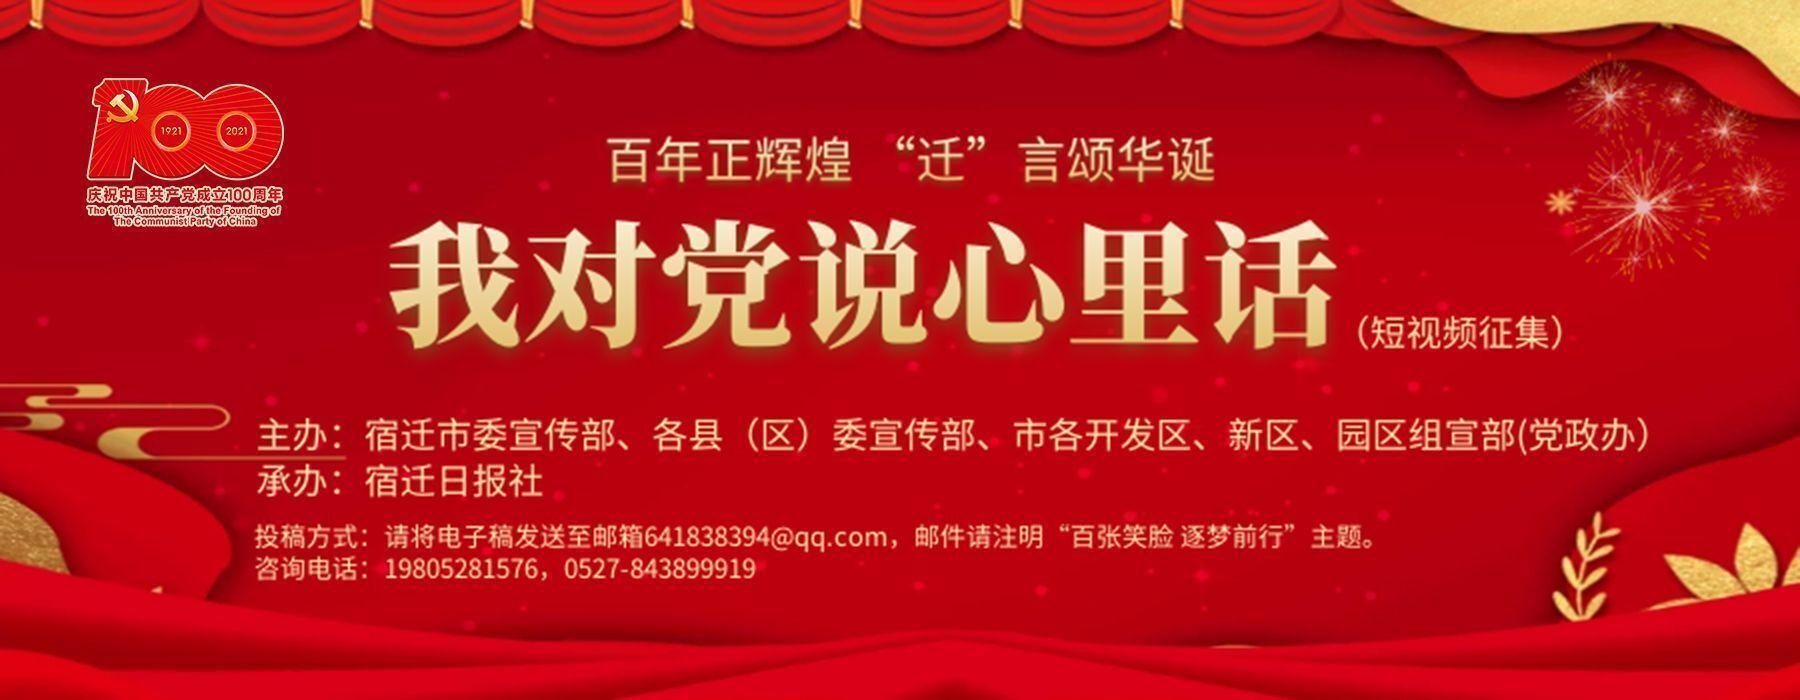 我对党说心里话⑱ 泗洪县消防救援大队:忠实坚守灭火一线